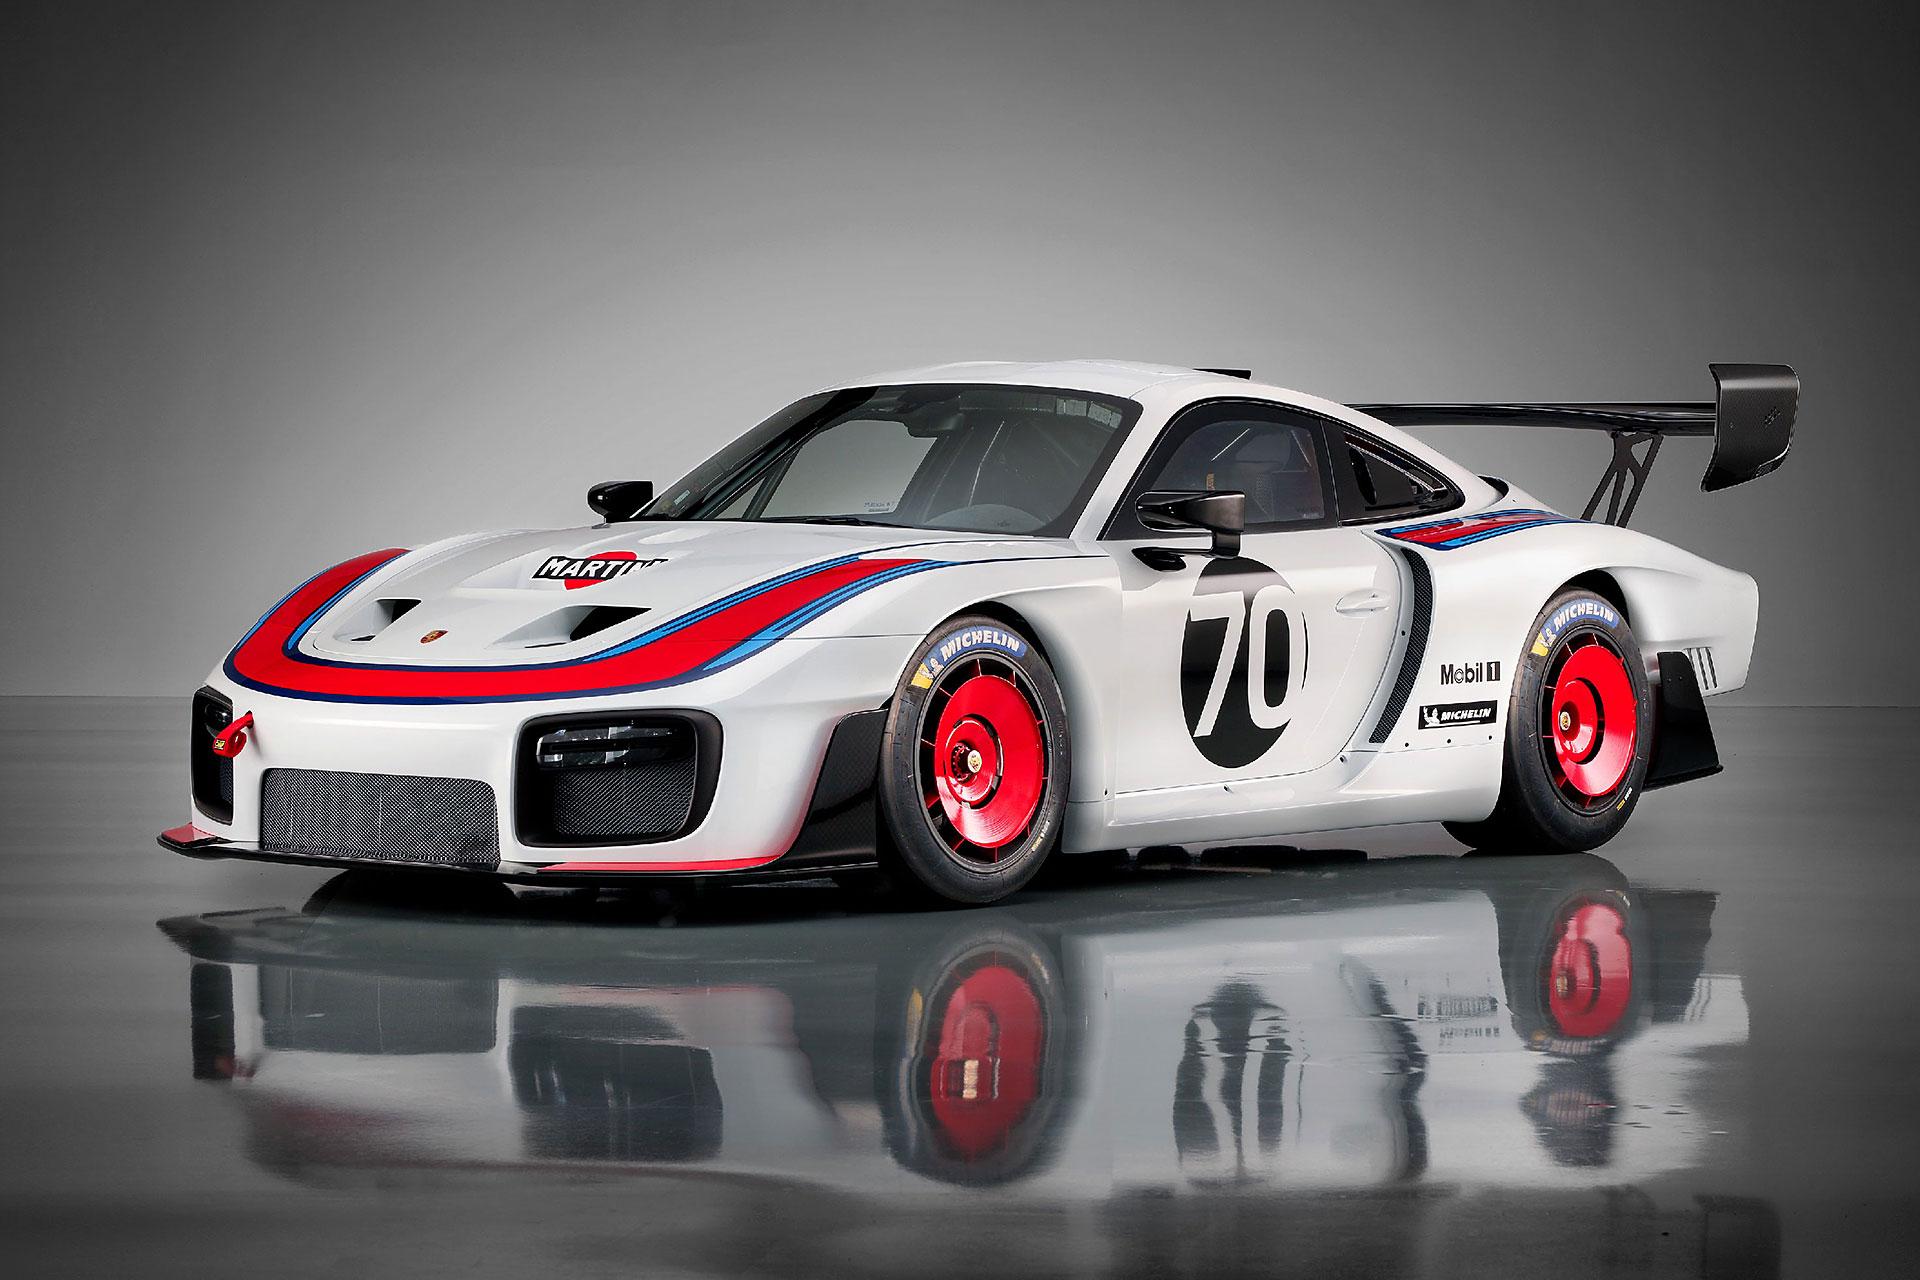 2019 Porsche 935 Race Car Uncrate